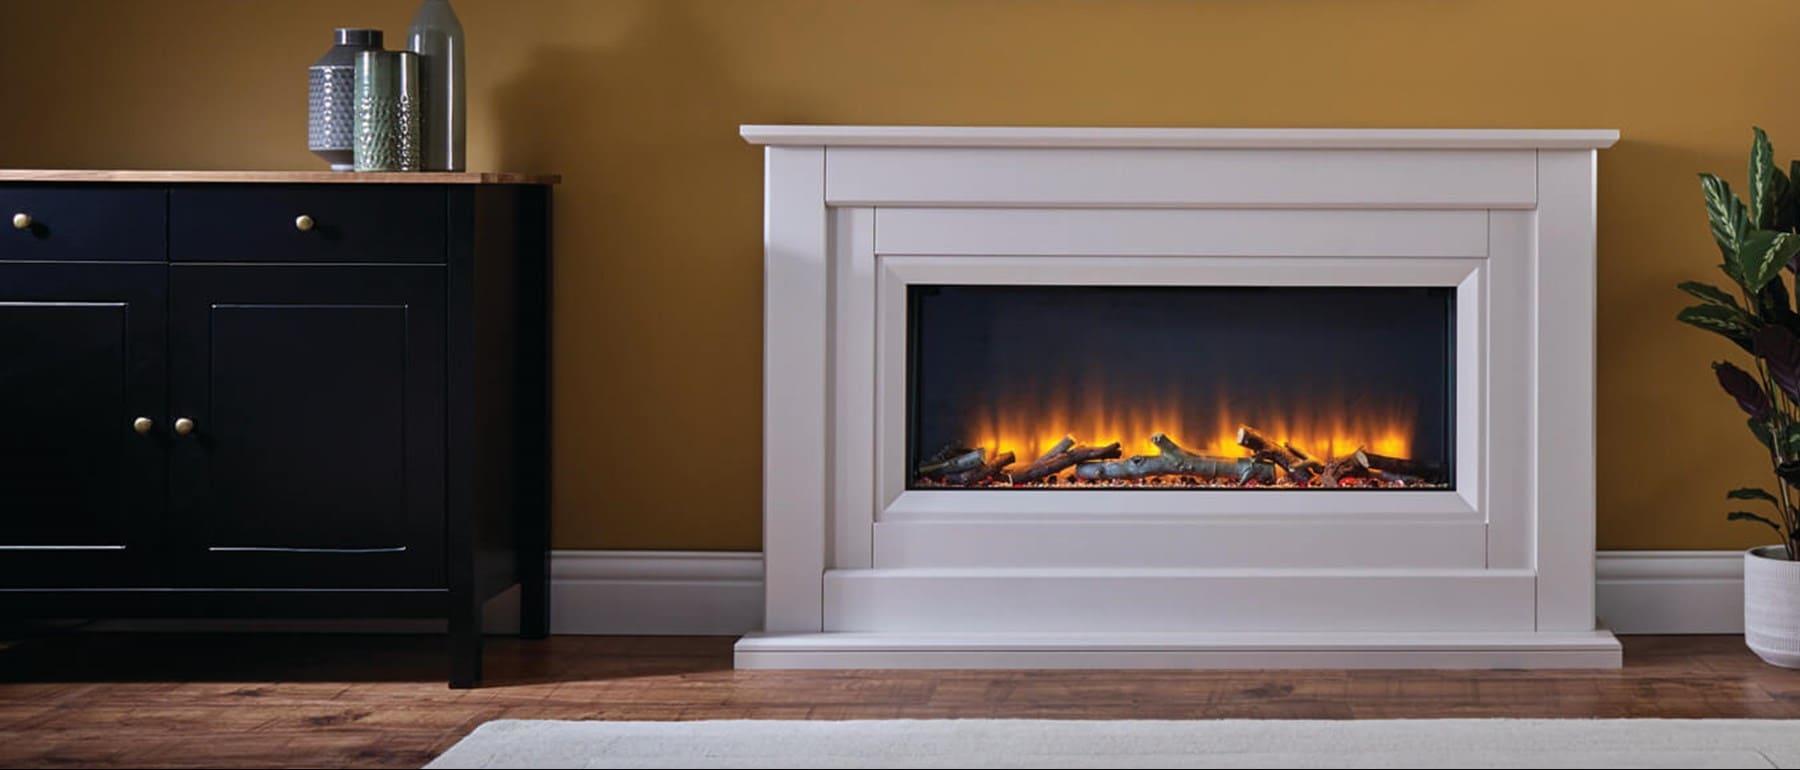 Italia Delfina Electric Fireplace Suite